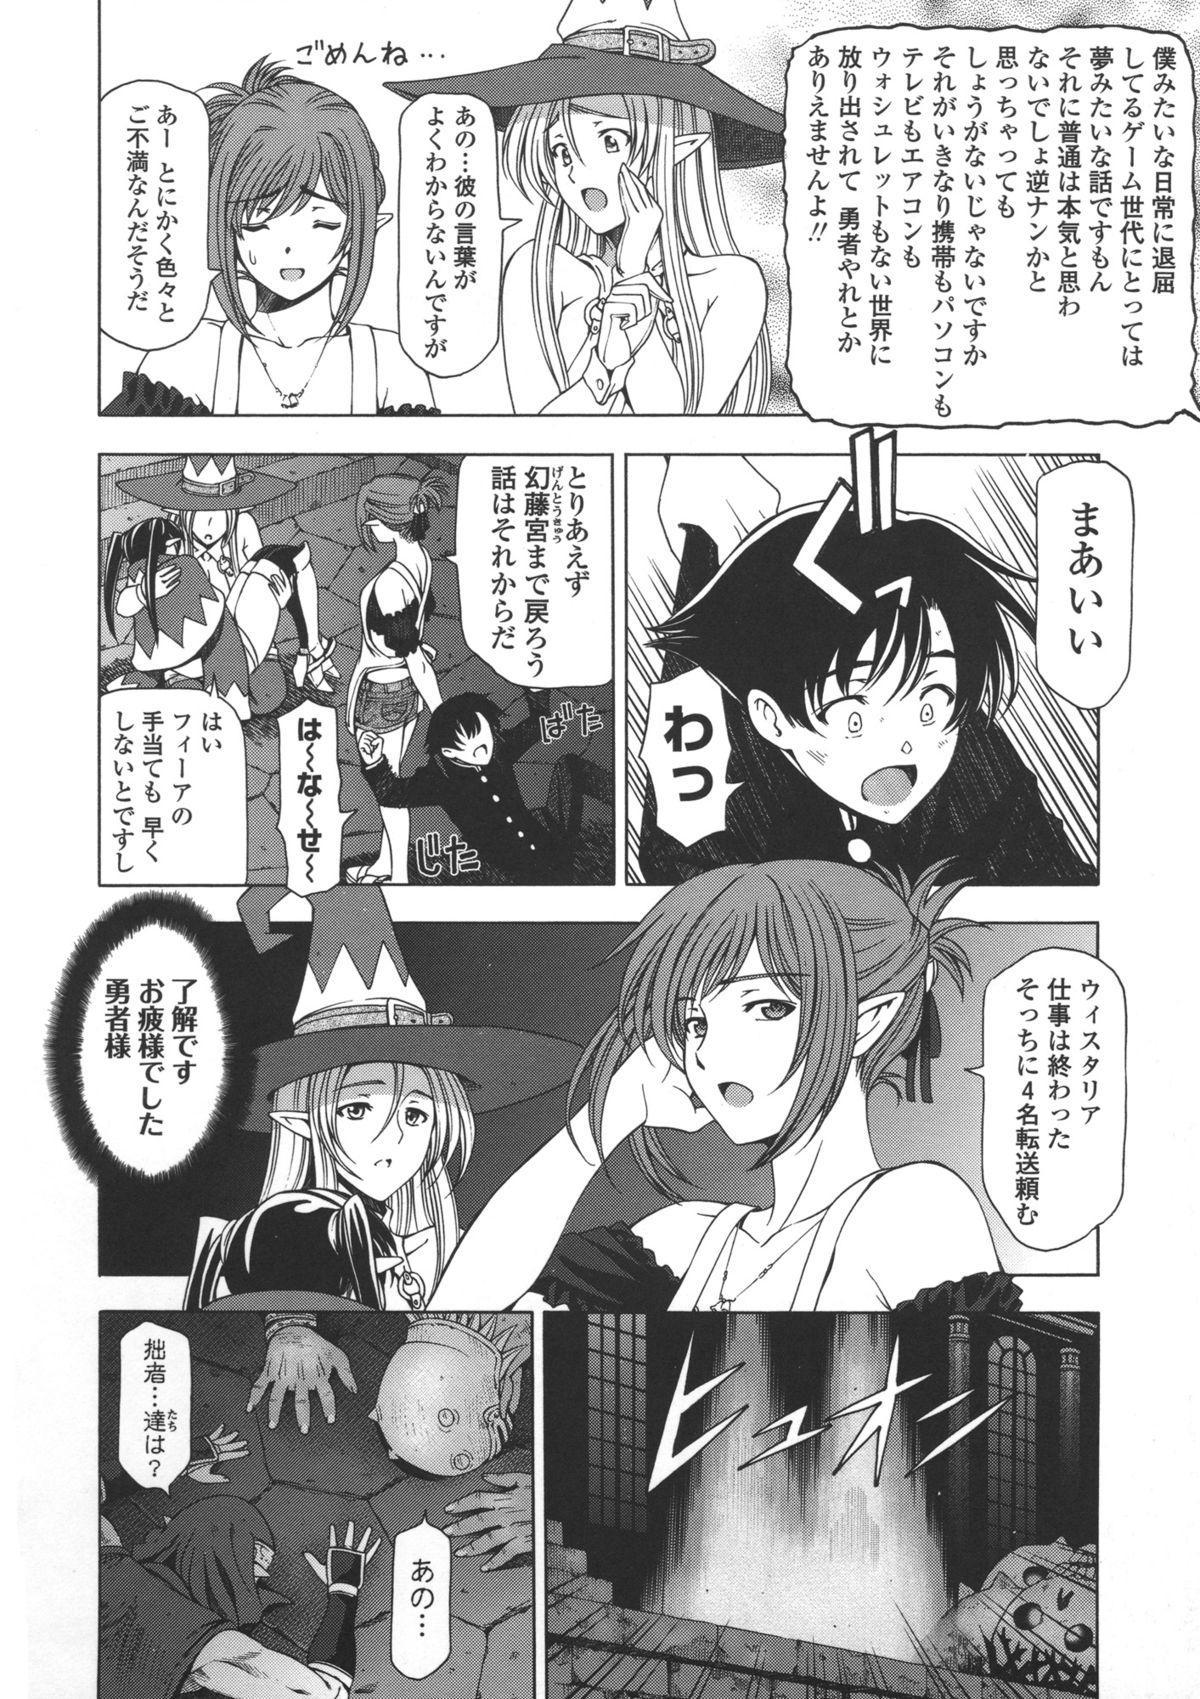 Ane wa Shota o Suki ni Naru 144